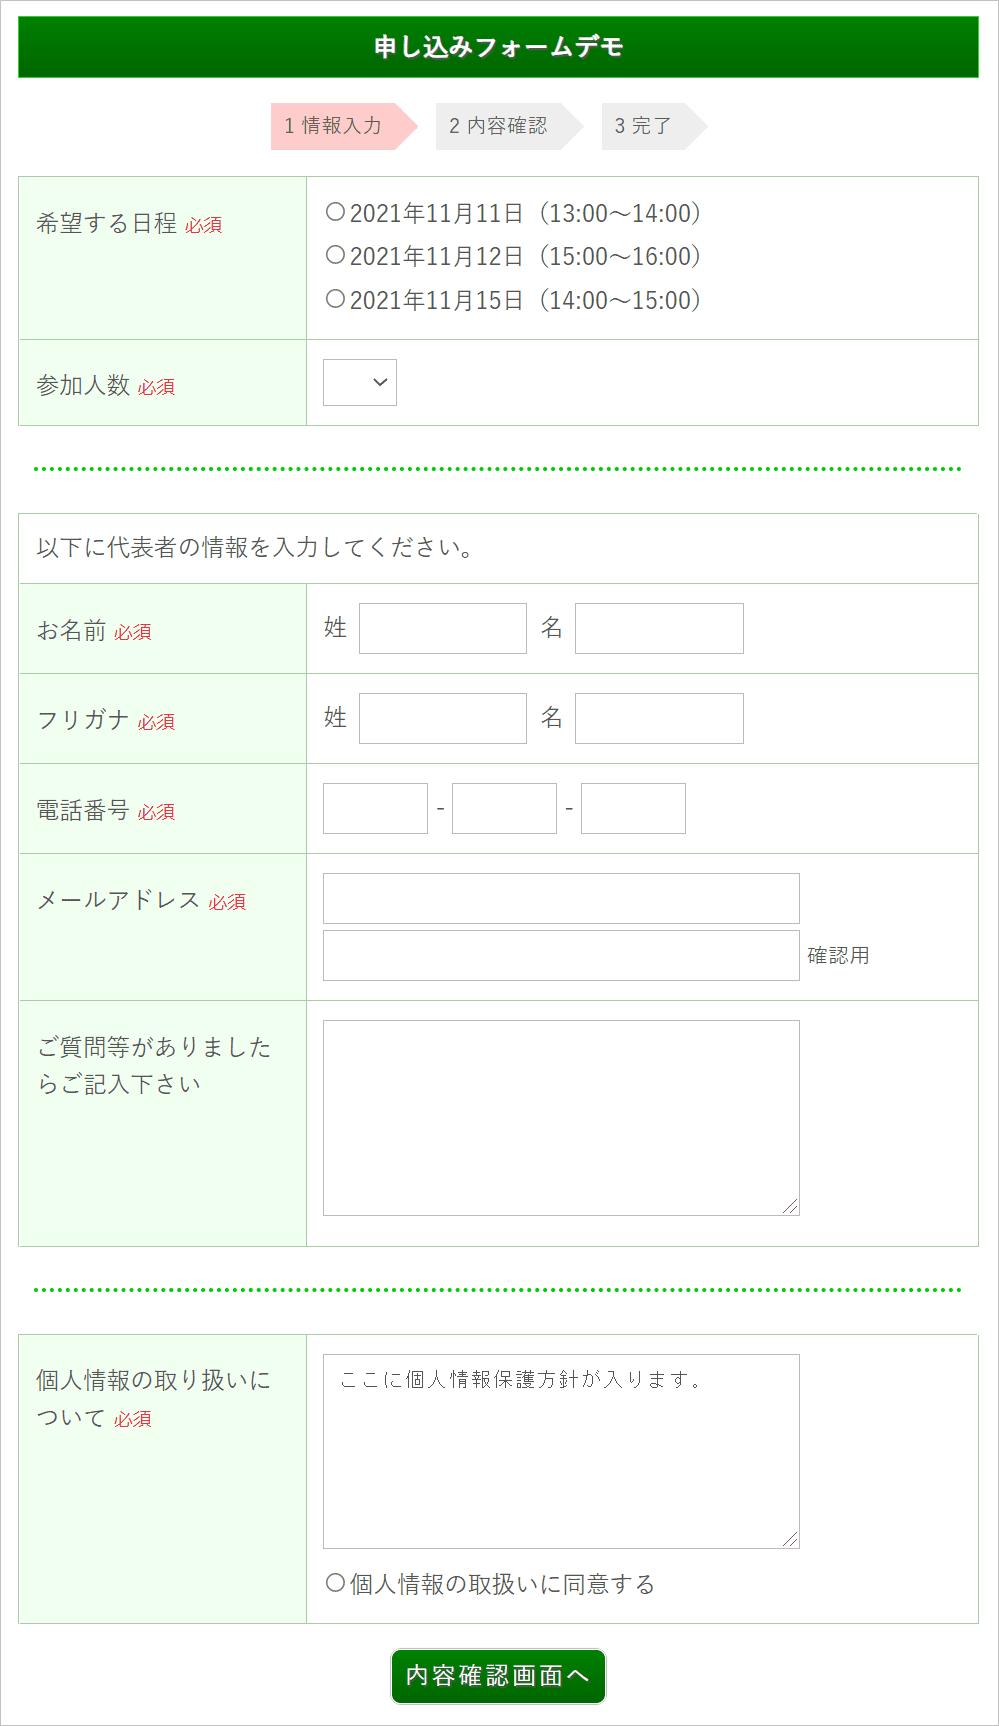 アメブロ用の無料お申し込みフォームの例